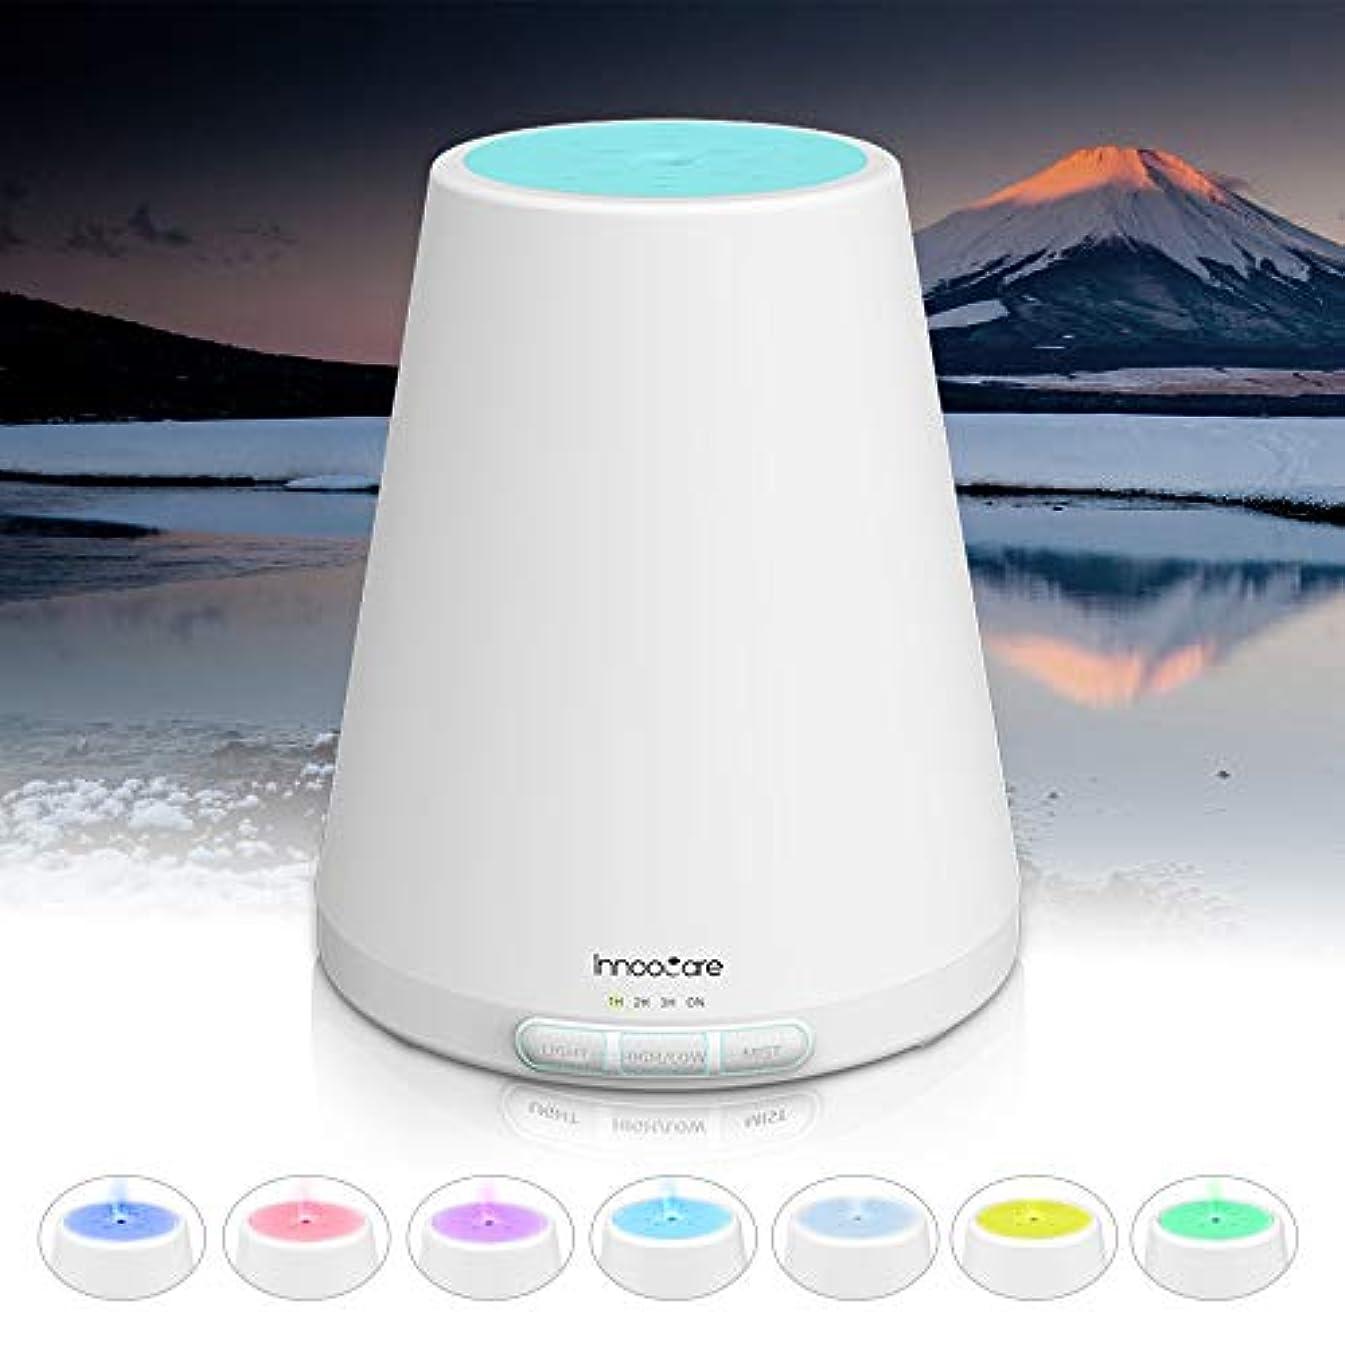 落ち着いて主流ワイプアロマディフューザー 300ml, ディフューザー アロマ加湿器, アロマでぃふゅーざー超音波 空気清浄機 7色変換LED